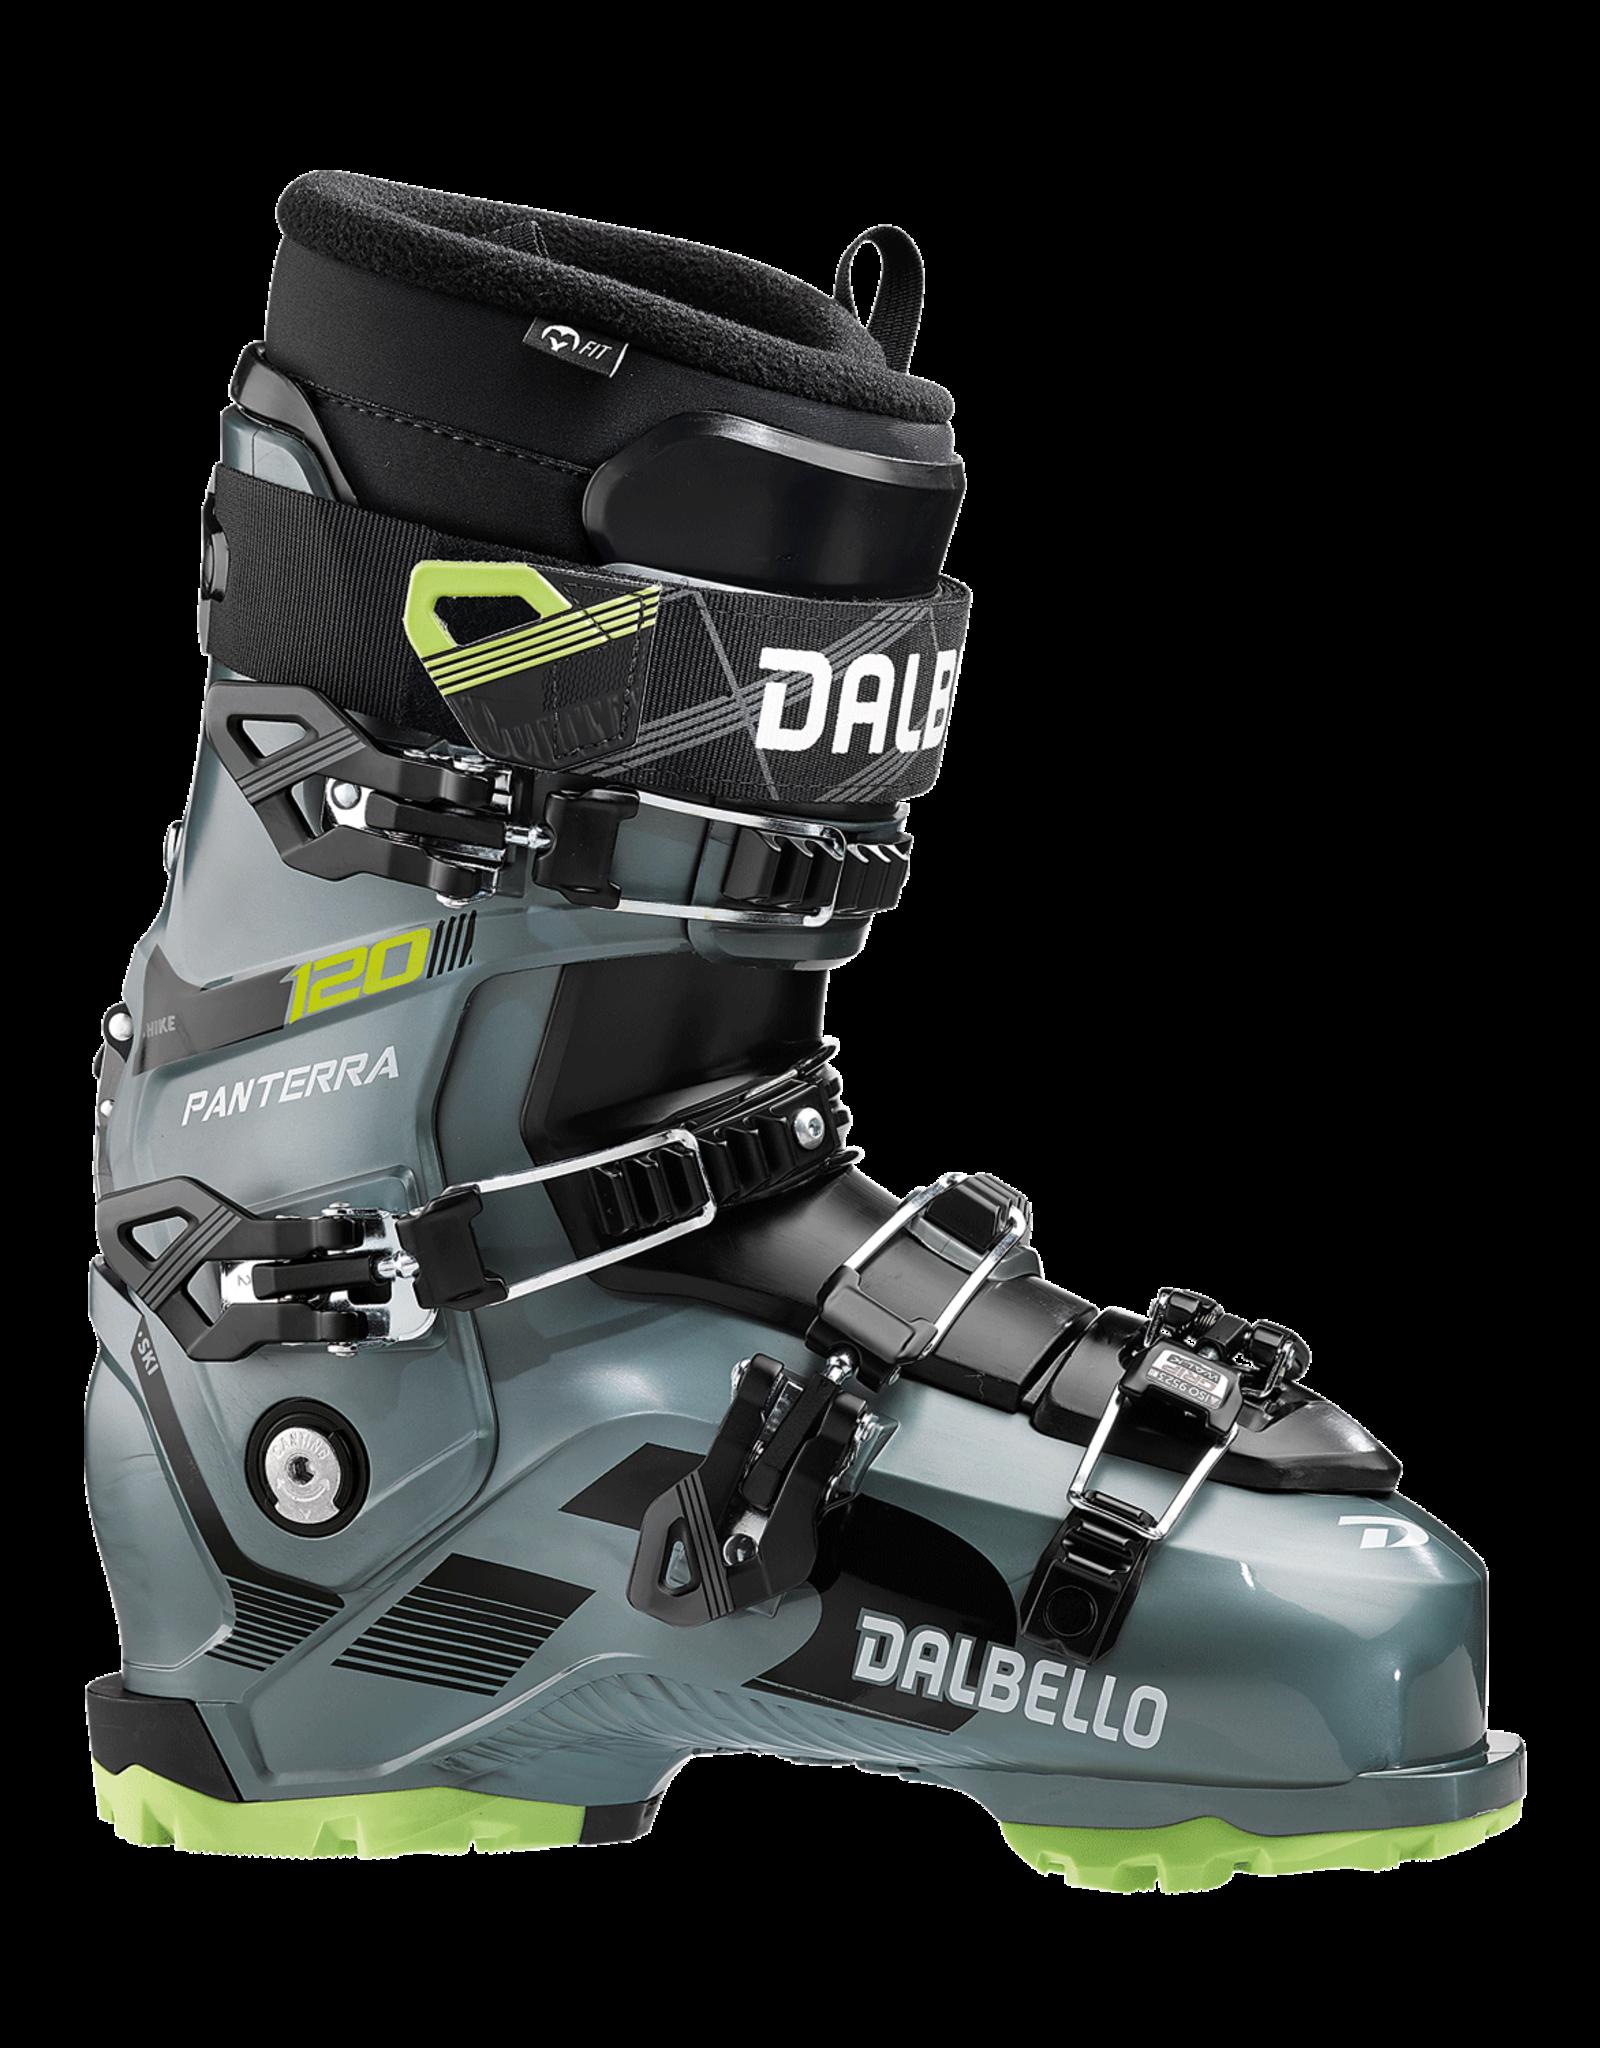 DALBELLO DALBELLO Ski Boots PANTERRA 120 ID (20/21)